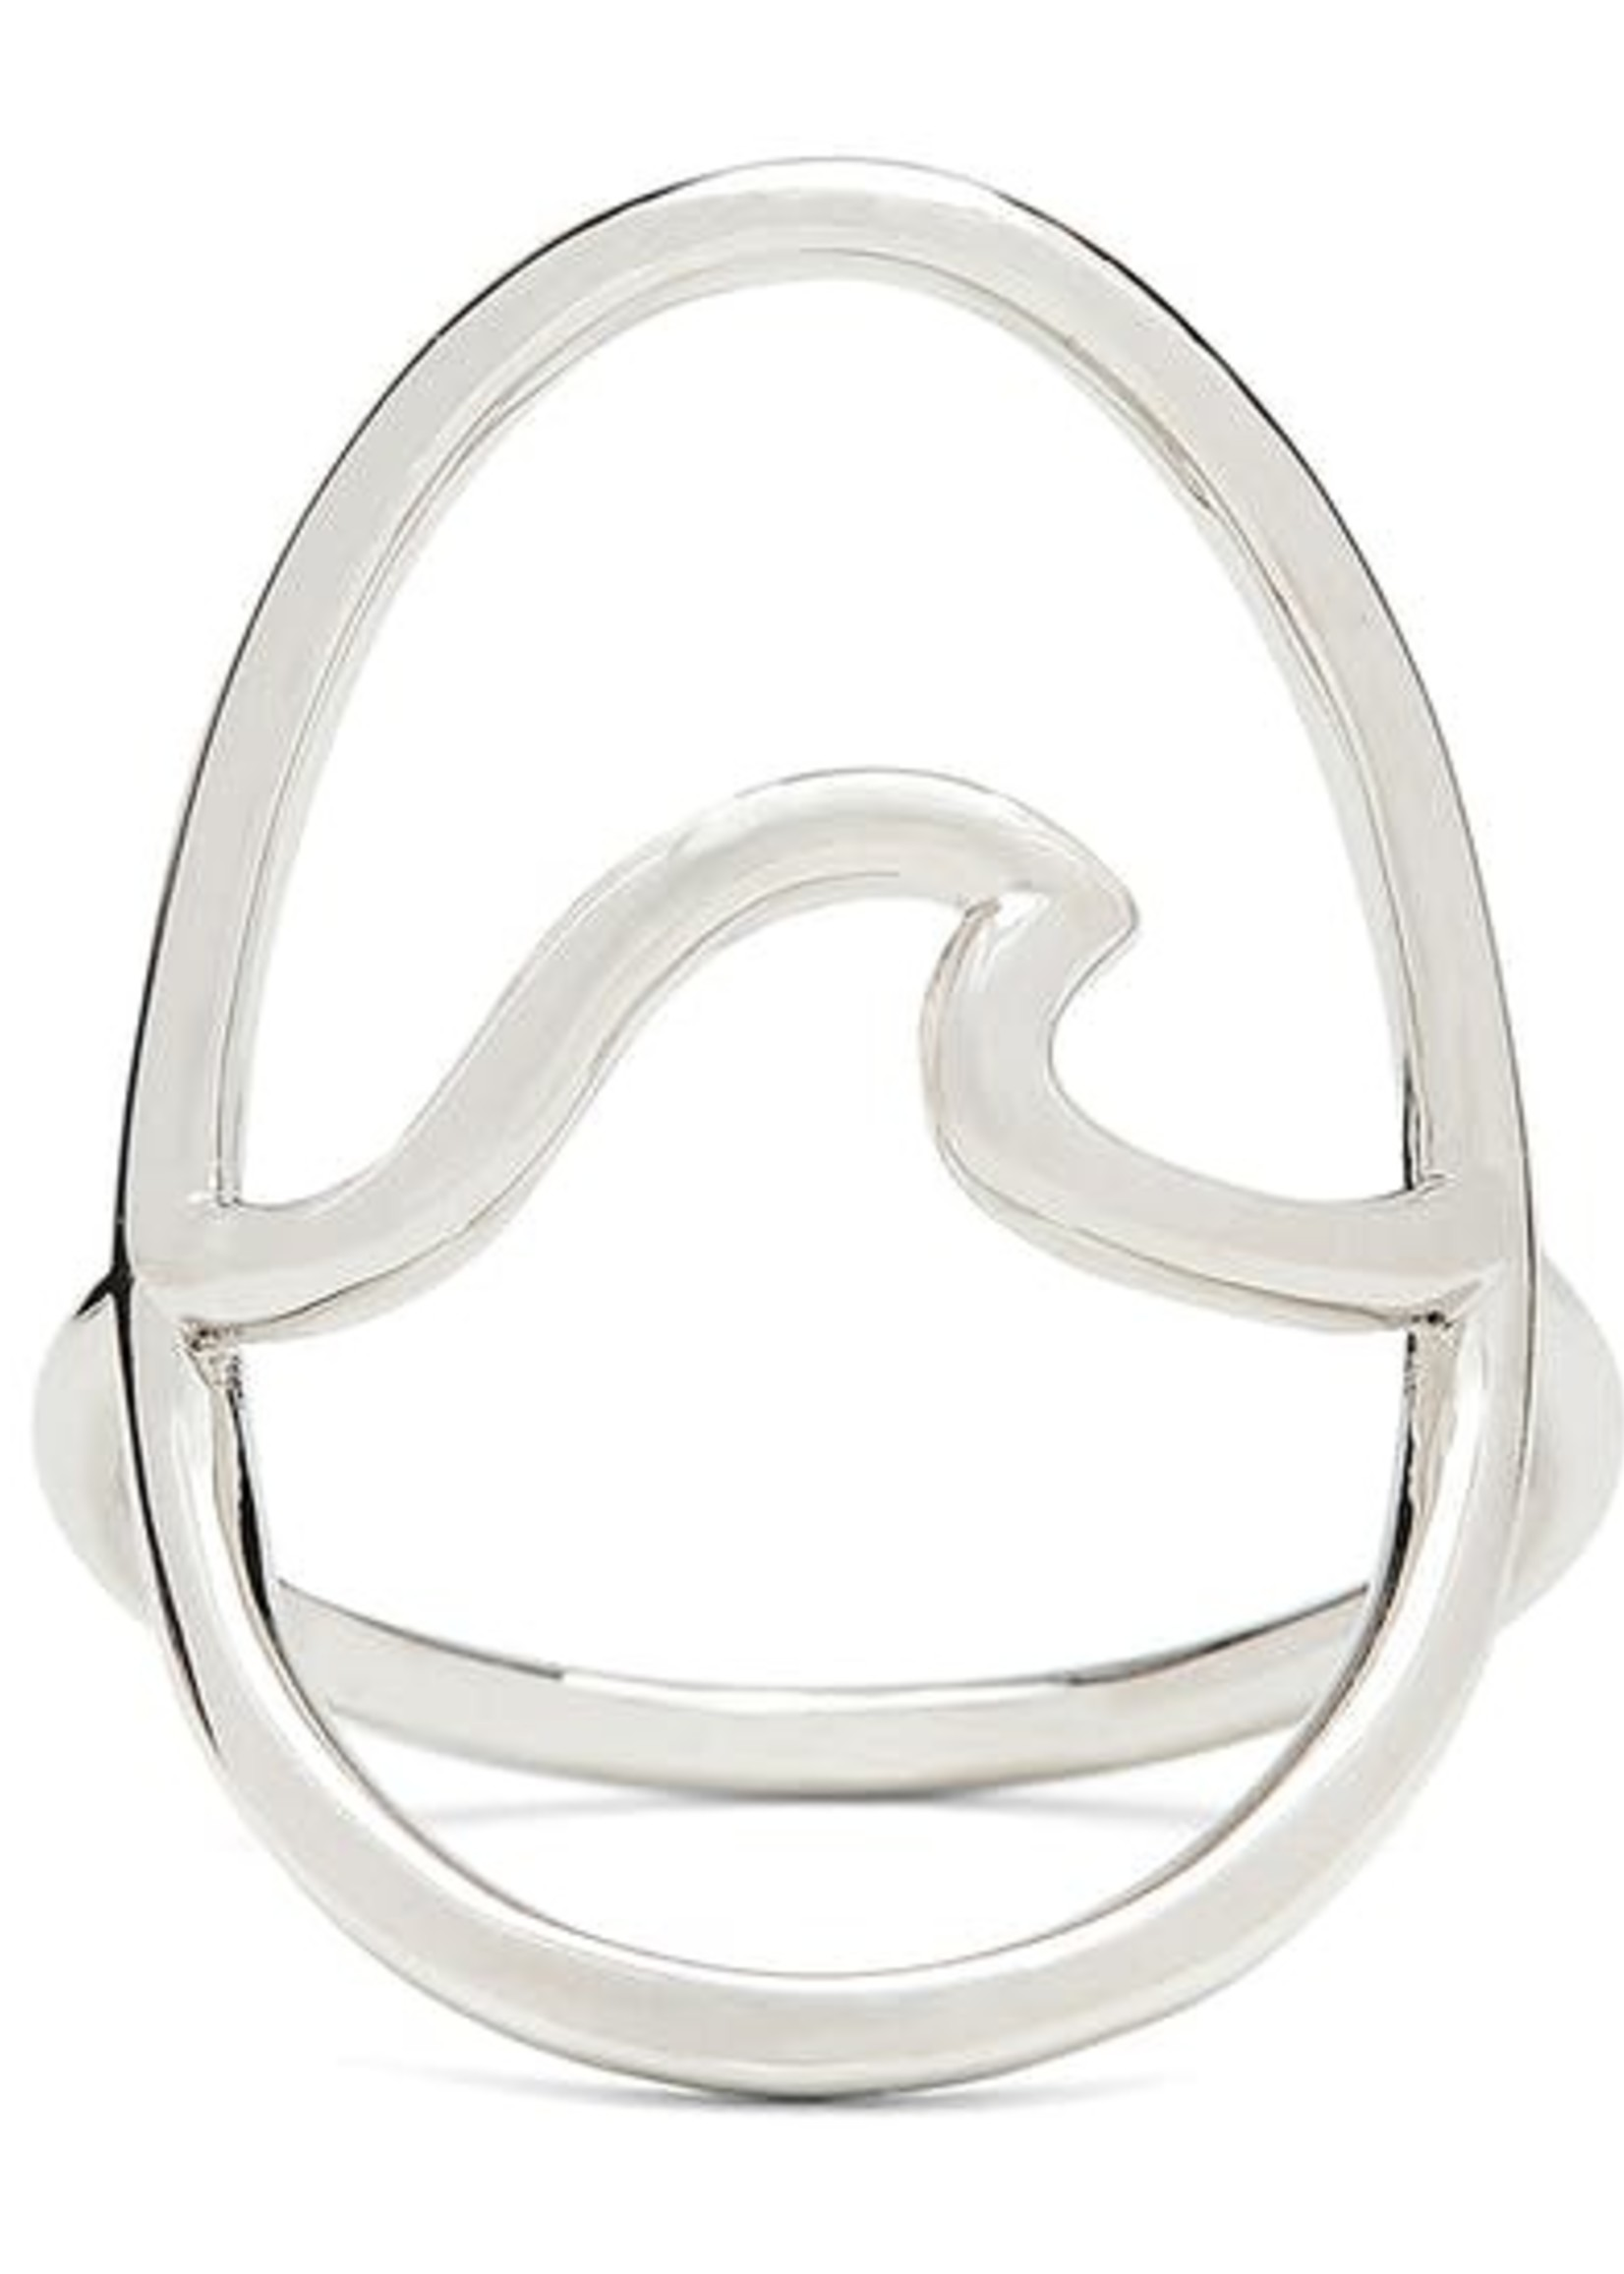 Pura Vida Large Wave Ring Silver -  plated - Pura Vida